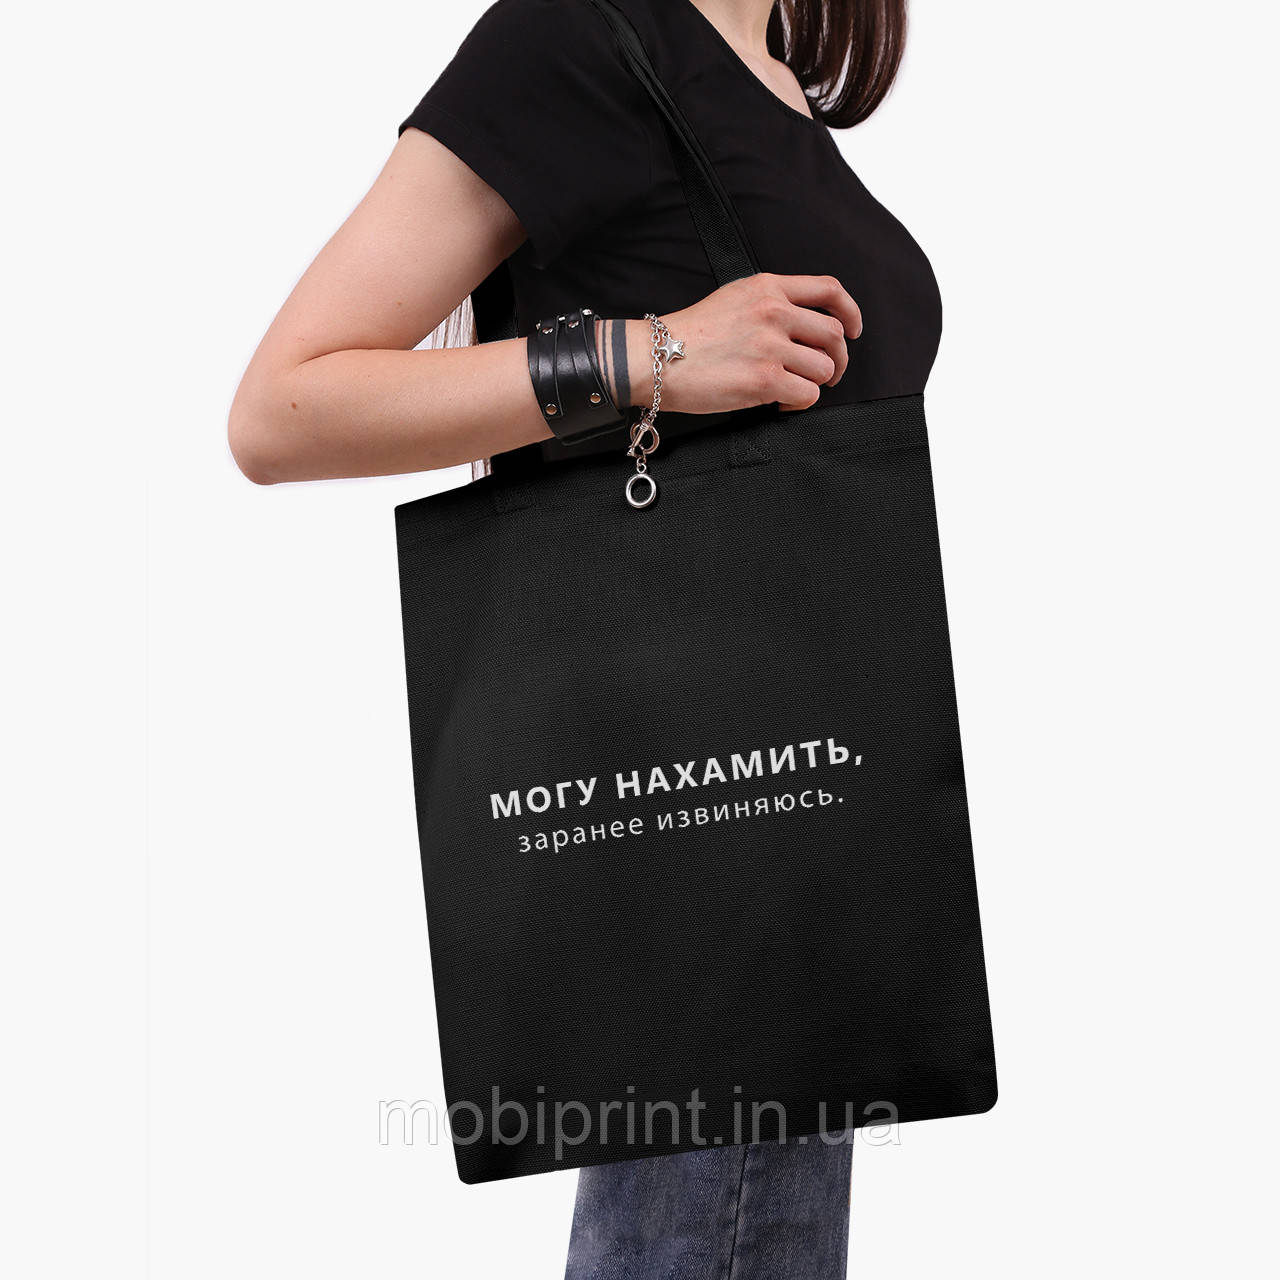 Эко сумка шоппер черная Могу нахамить (9227-1791-2) экосумка шопер 41*35 см